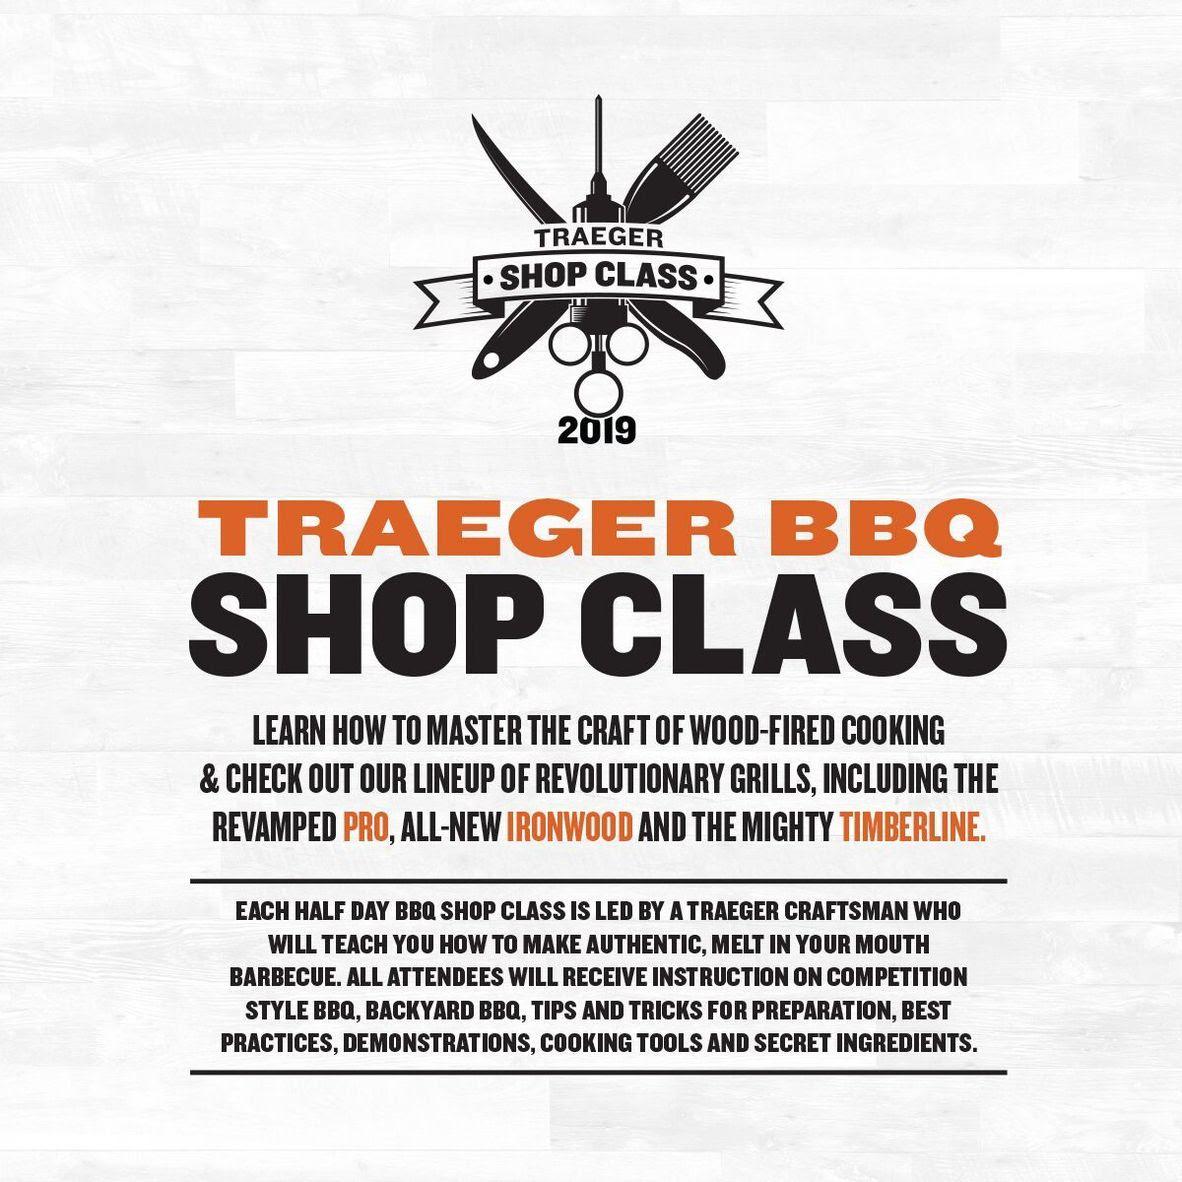 Traeger BBQ Shop Classes